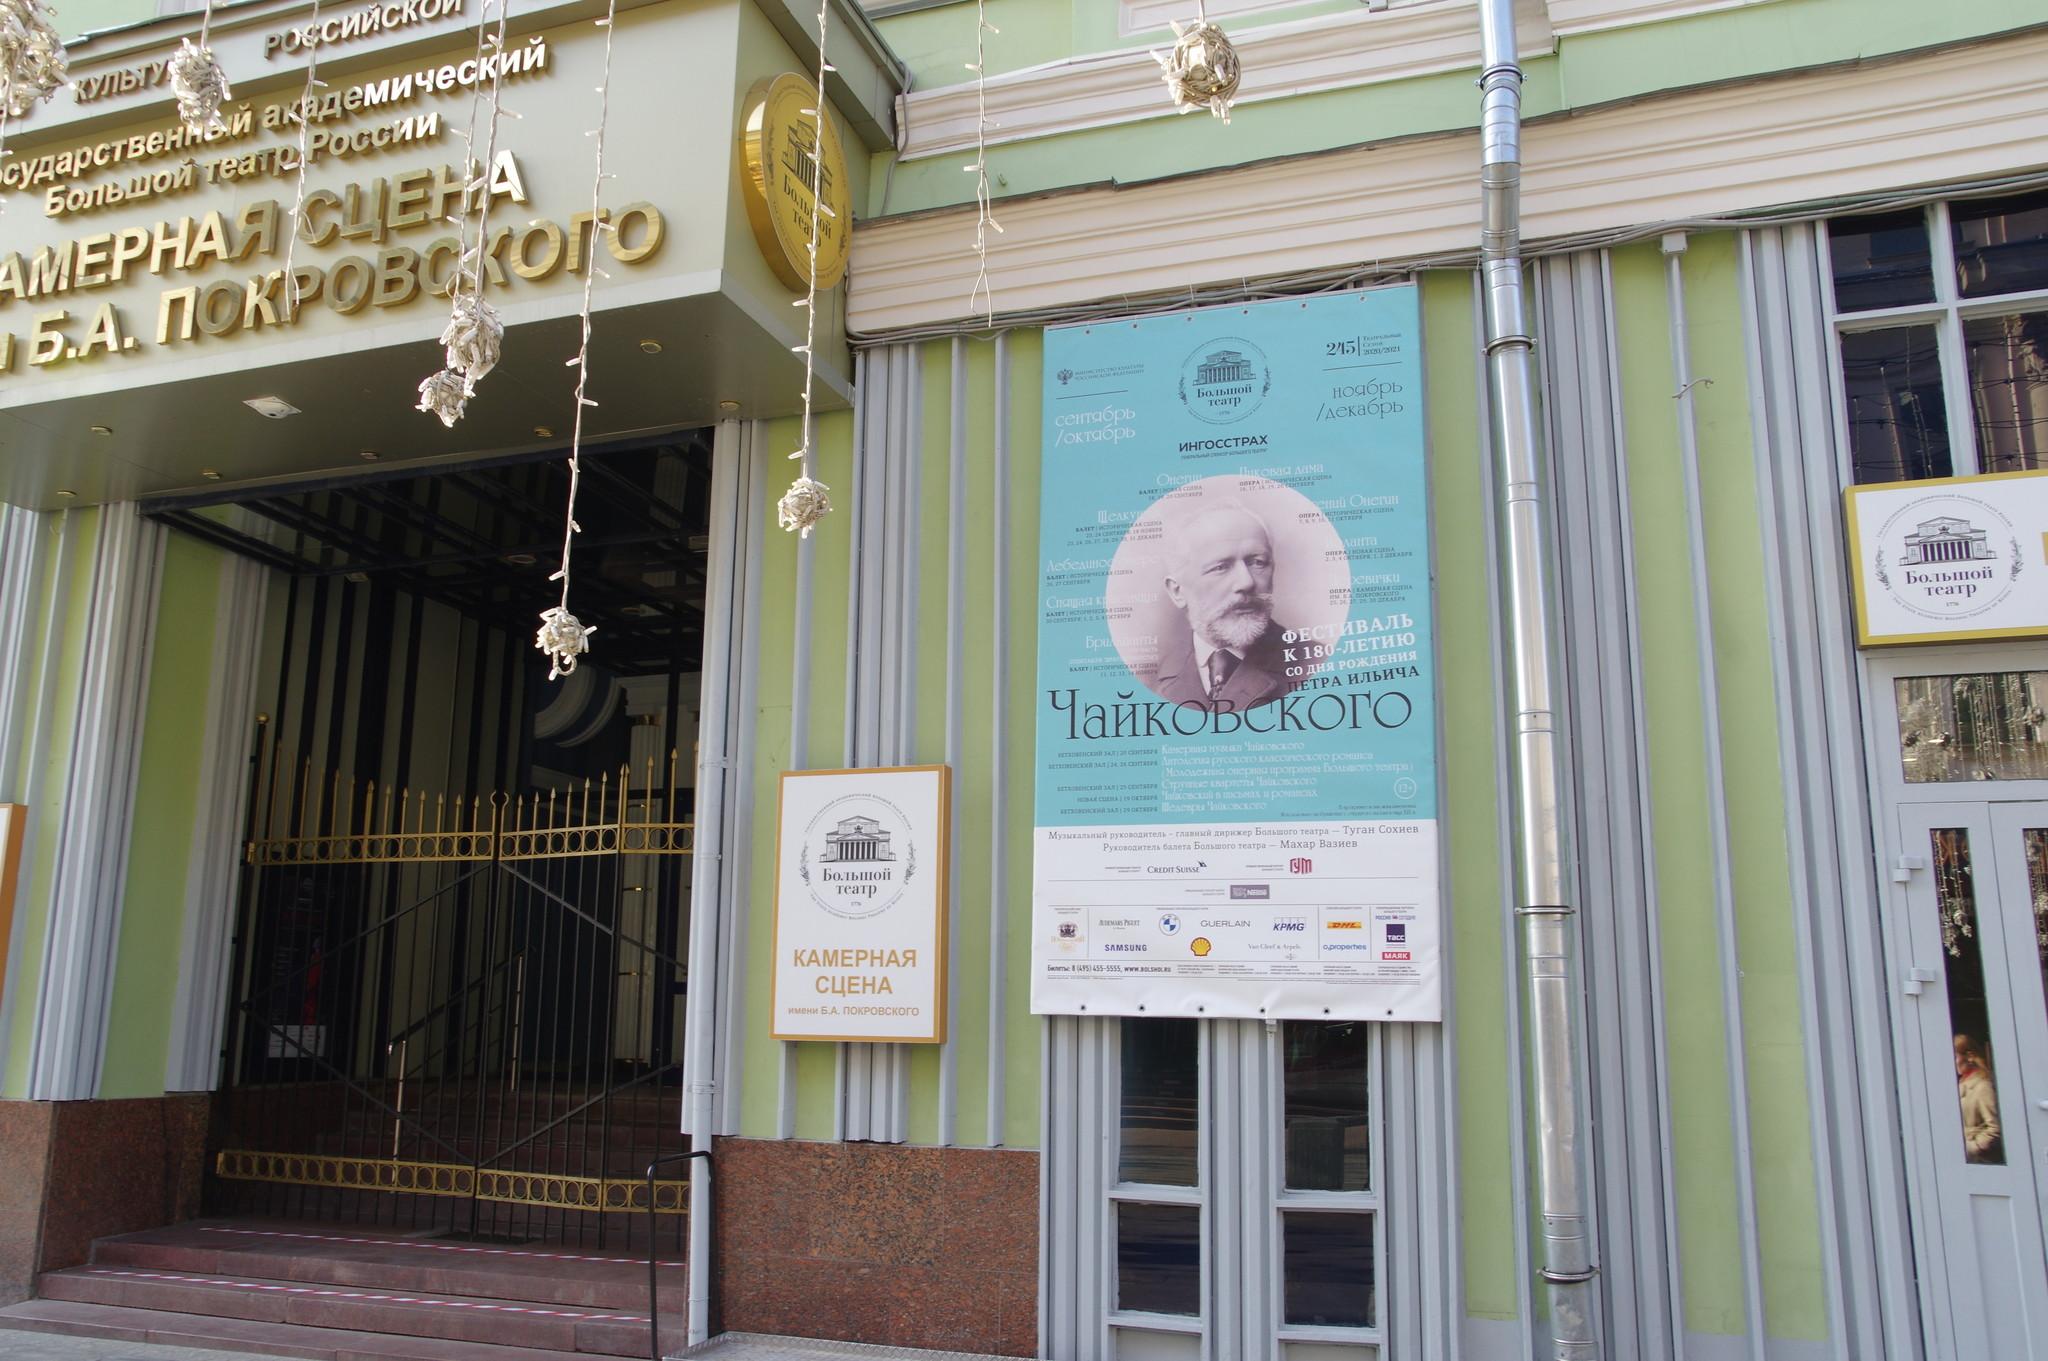 Камерная сцена имени Б.А. Покровского (Государственный академический Большой театр России)